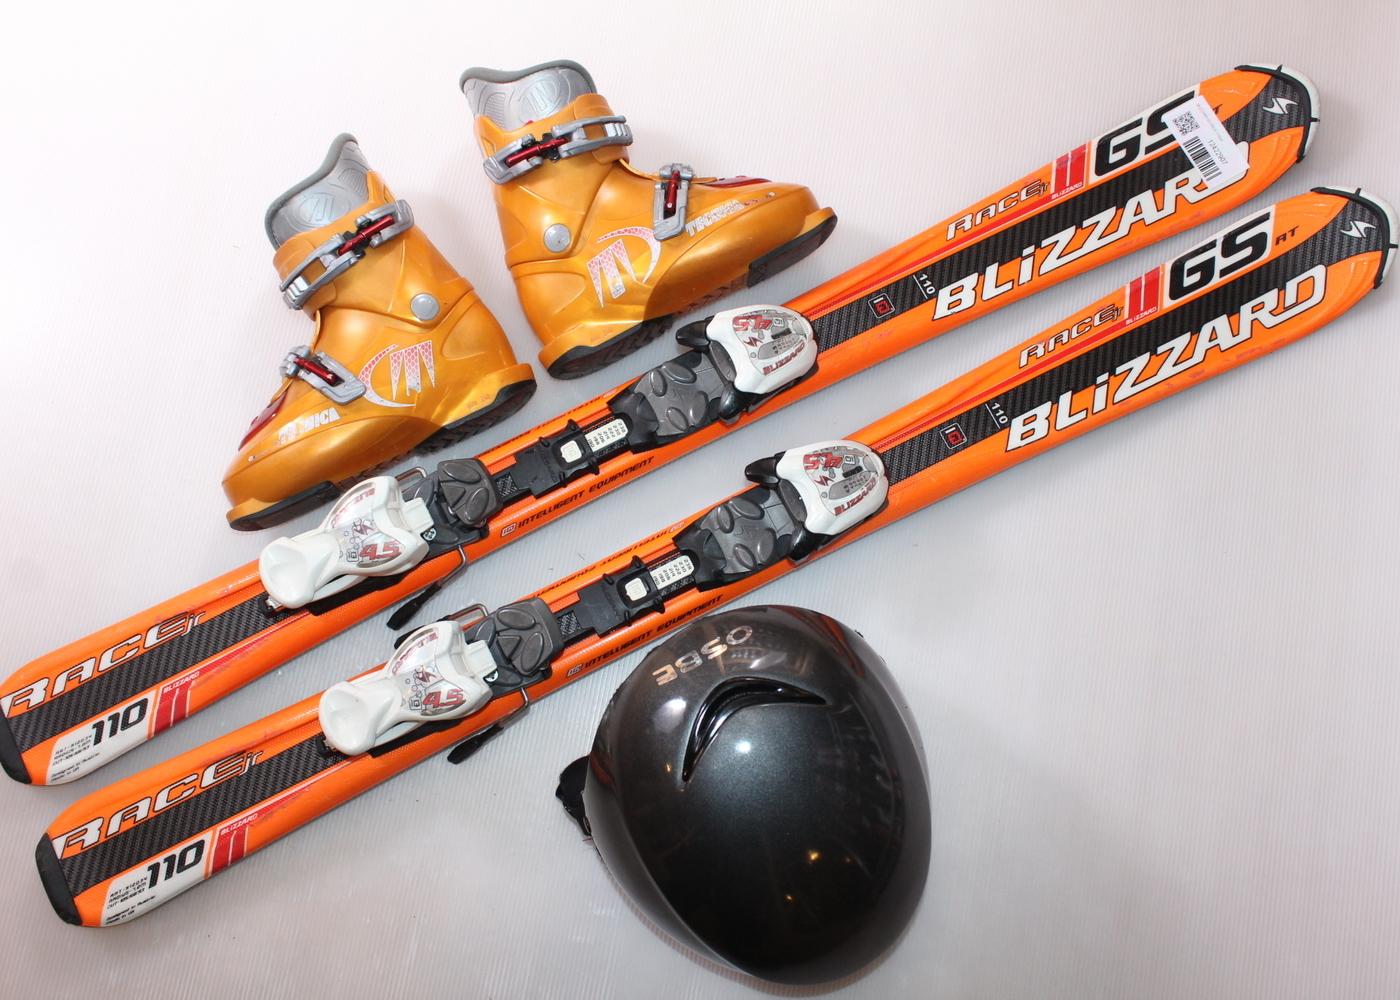 Dětské lyže BLIZZARD GS RACE 110 cm + lyžáky  31EU + helma